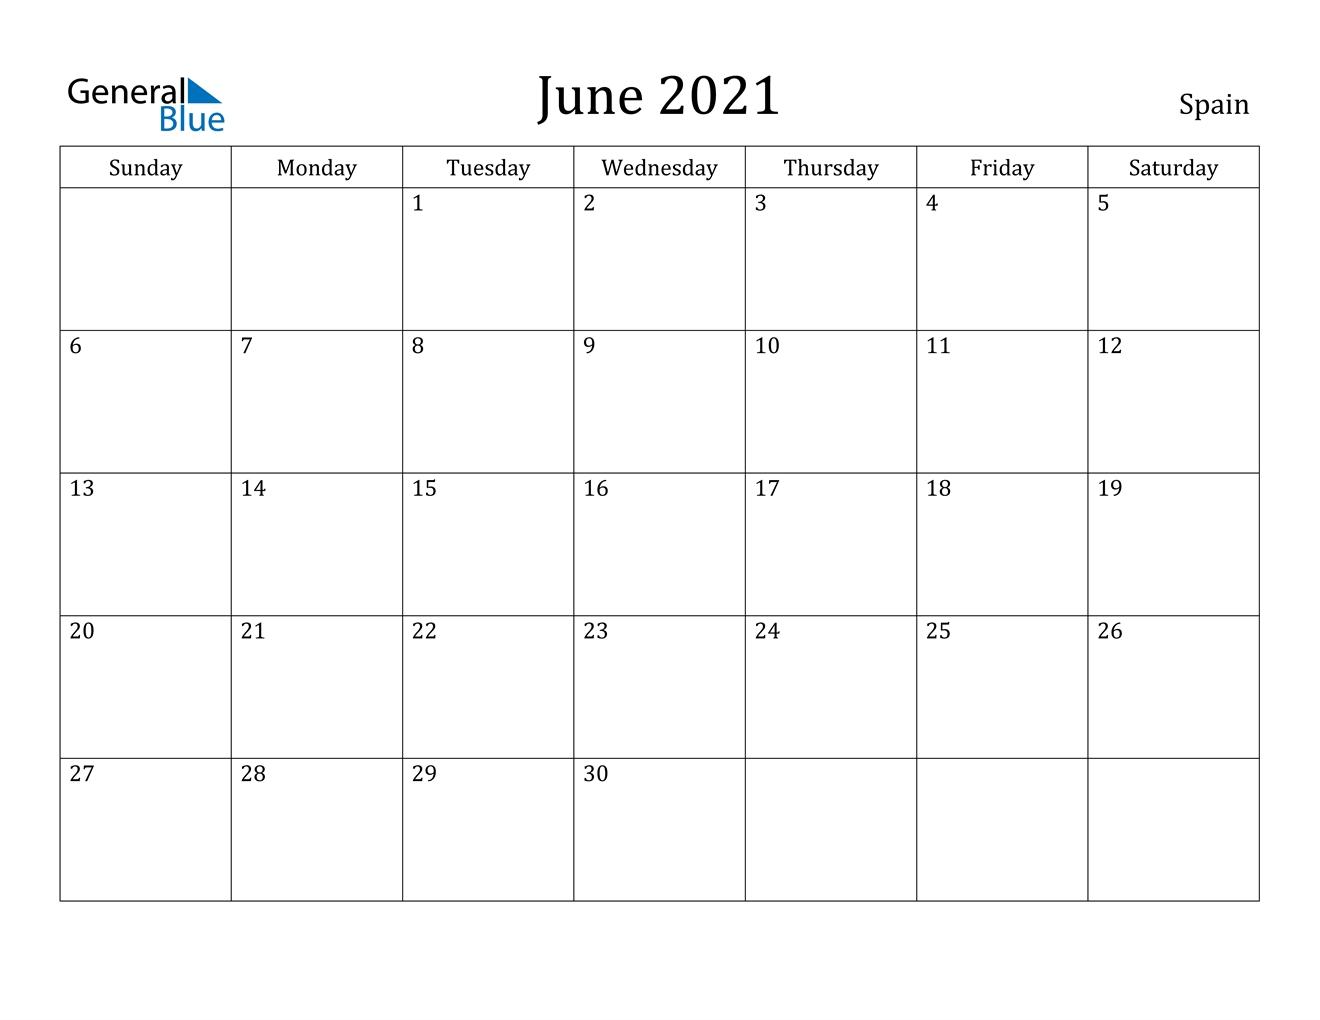 June 2021 Calendar - Spain